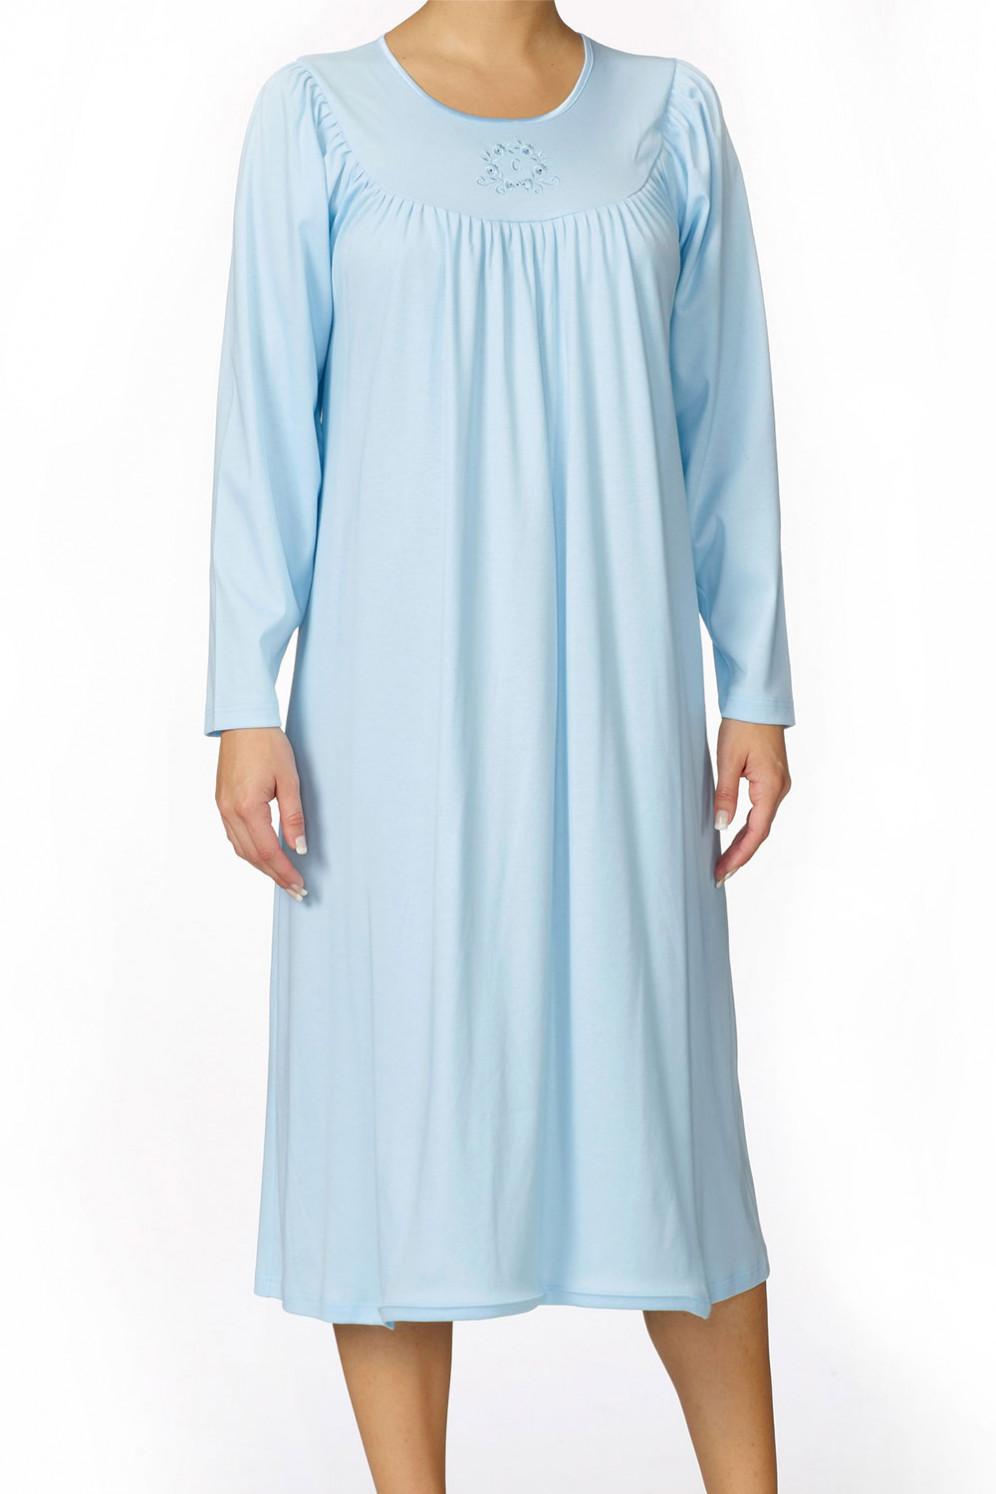 zuverlässiger Ruf Shop für authentische Dauerhafter Service Langarm-Nachthemd